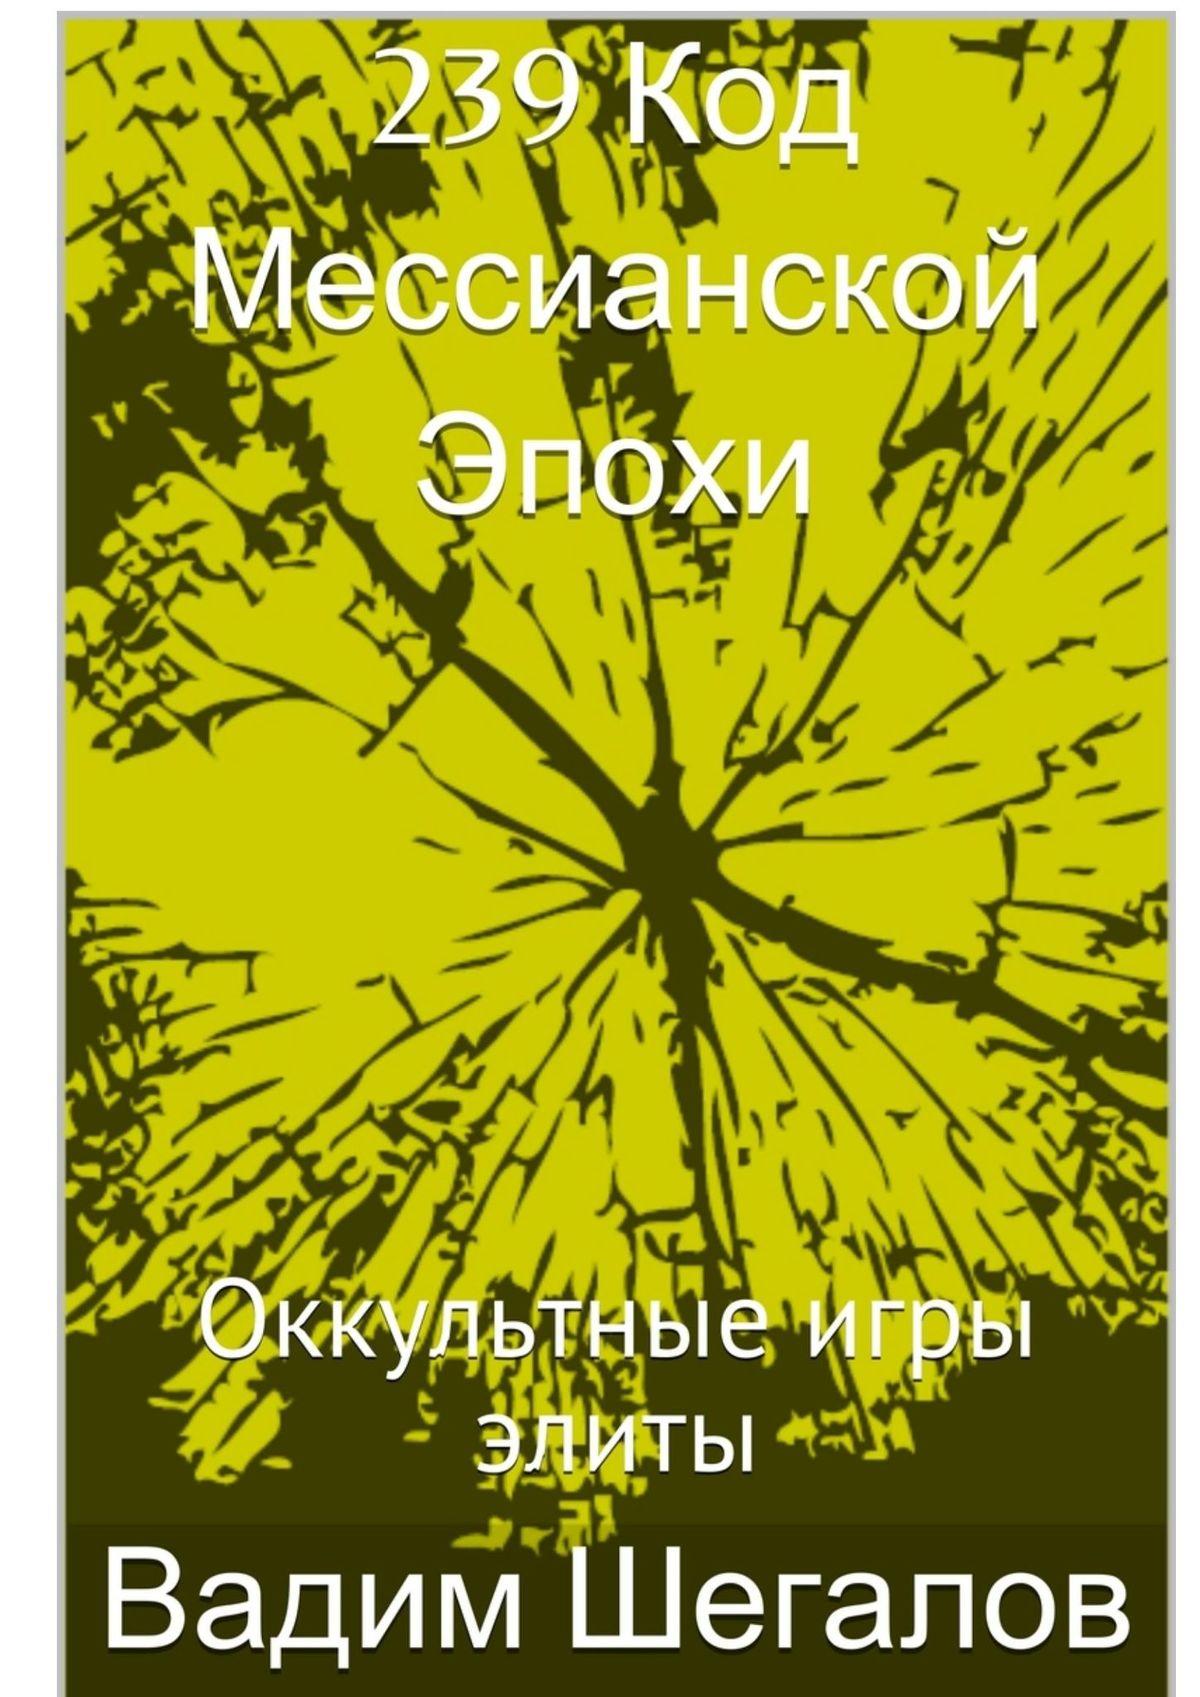 Вадим Шегалов 239 Код мессианской эпохи. Оккультные игры элиты вадим шегалов мои дороги тибет